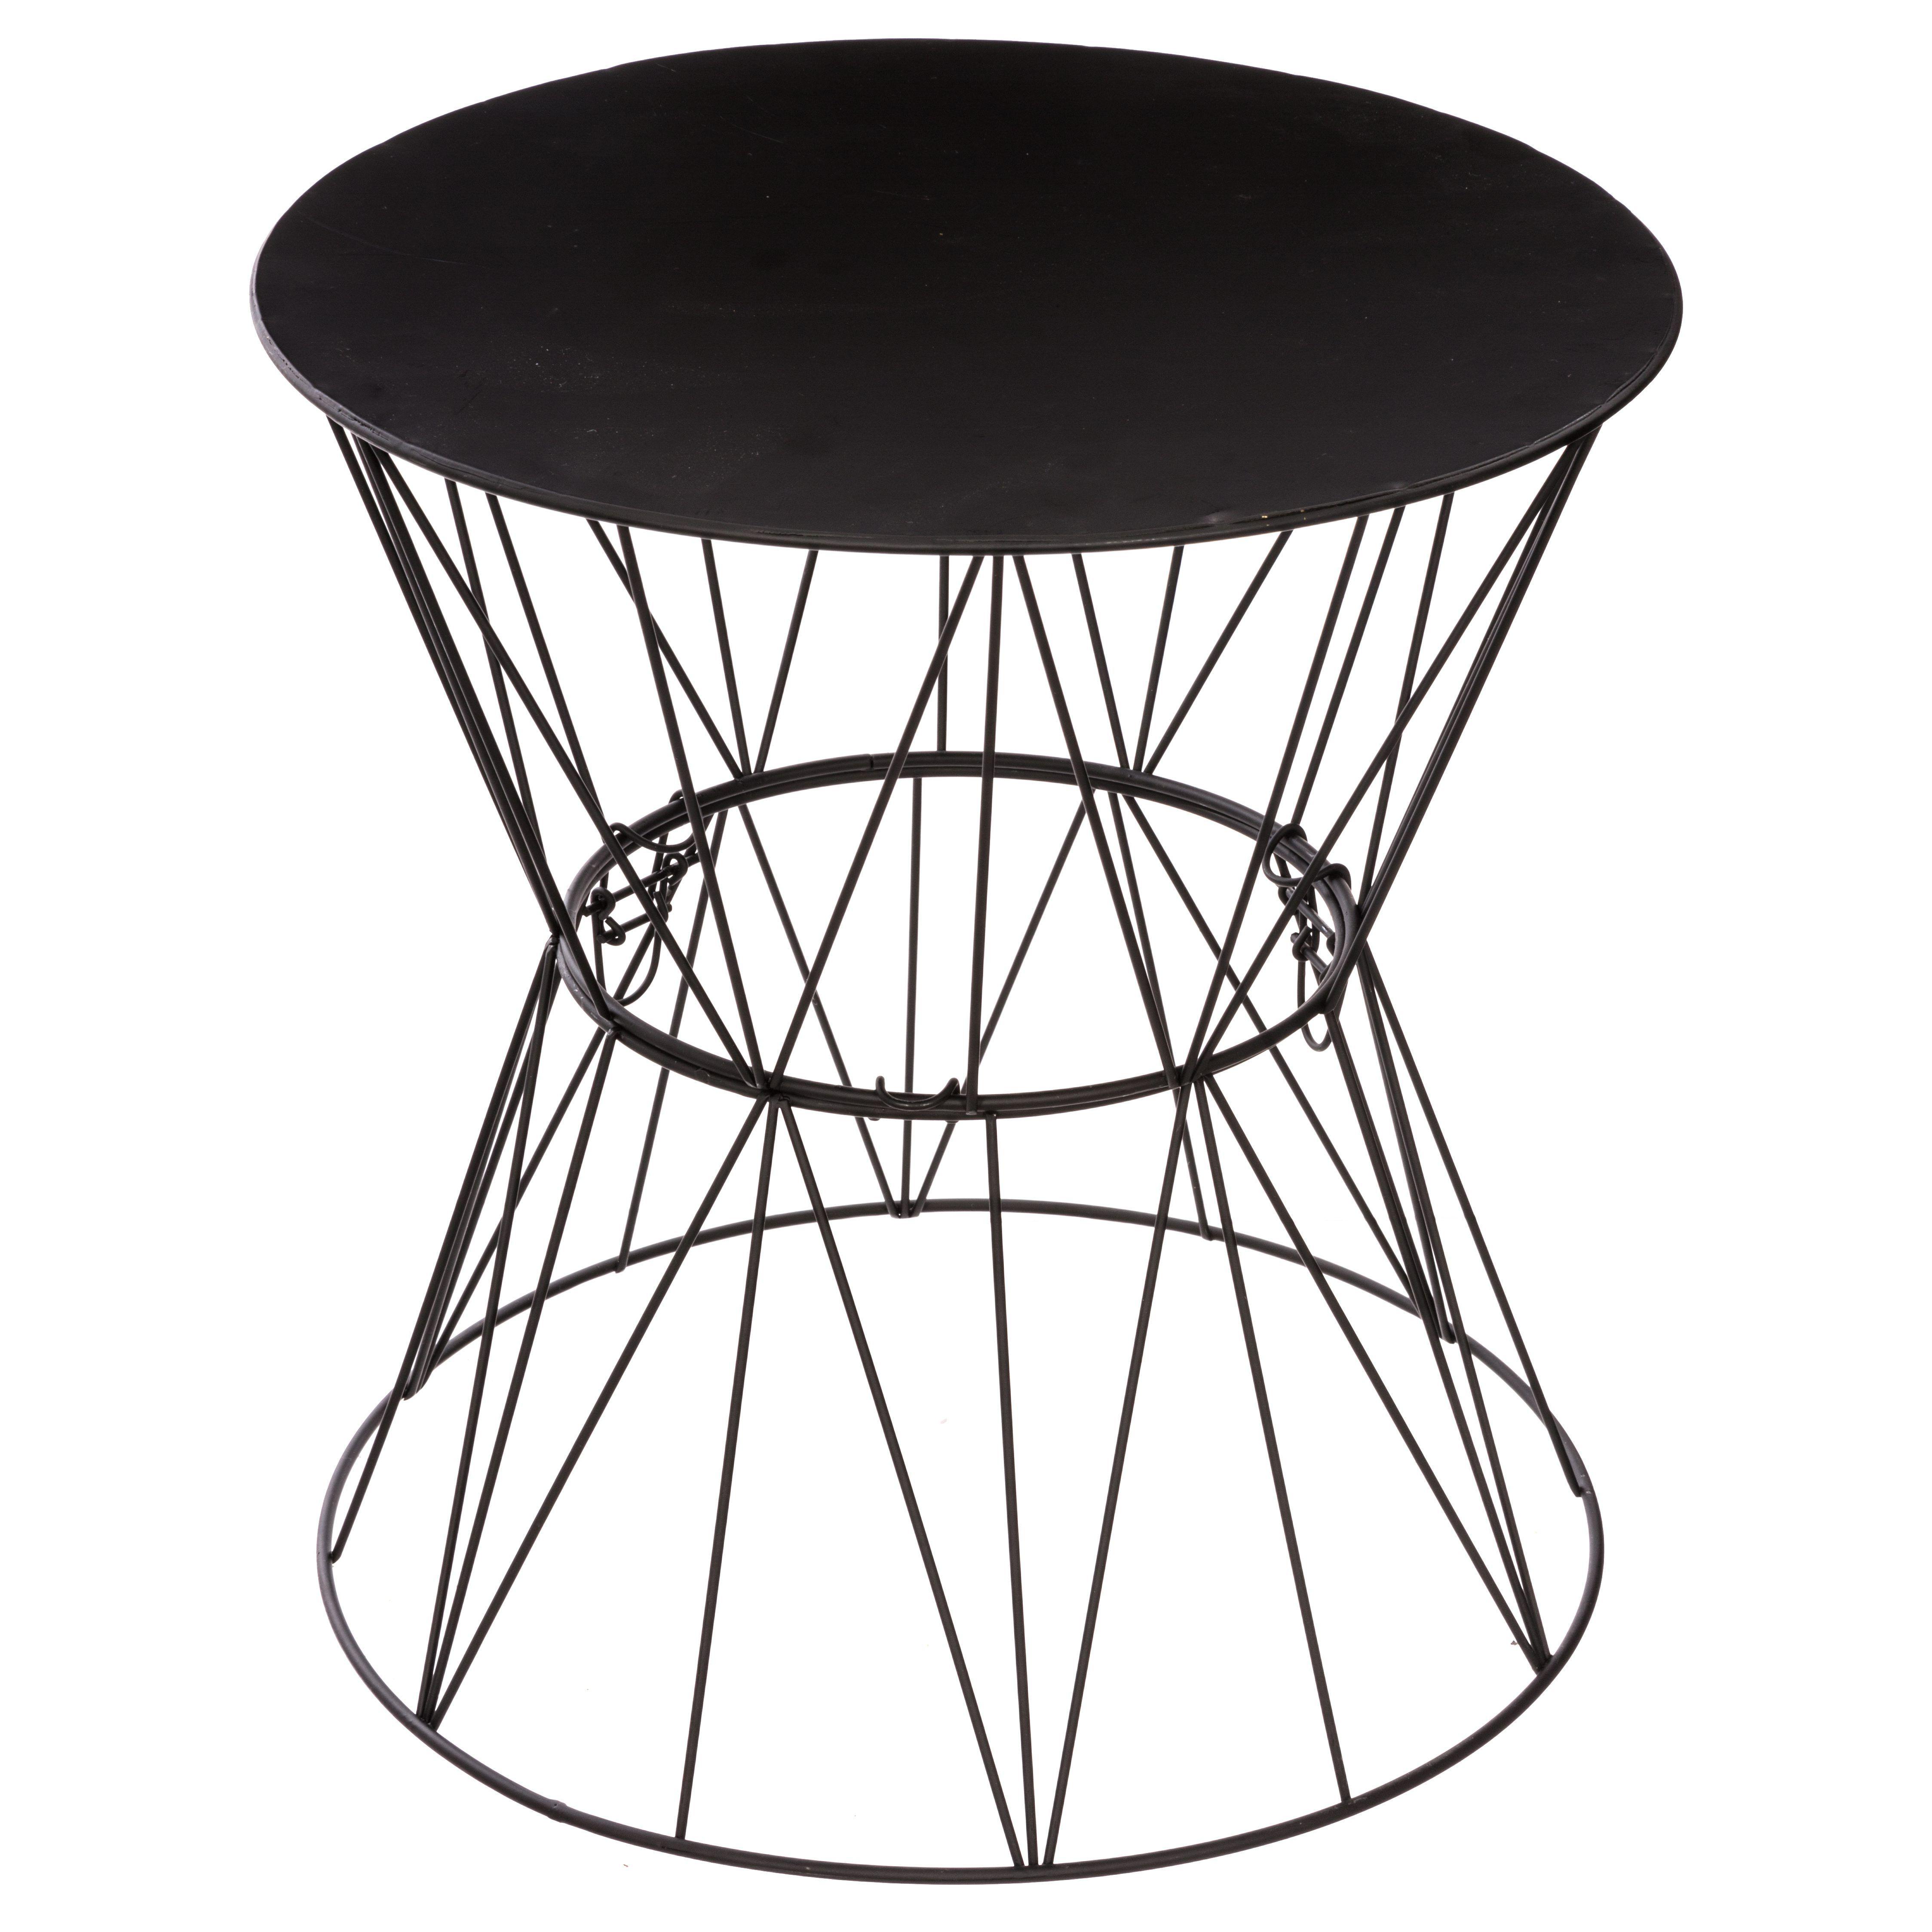 Table Design Noir Filaire Salon Canape Bout De Canape Filaire Jim Noir But Table Cafe Table D Appoint Bout De Canape